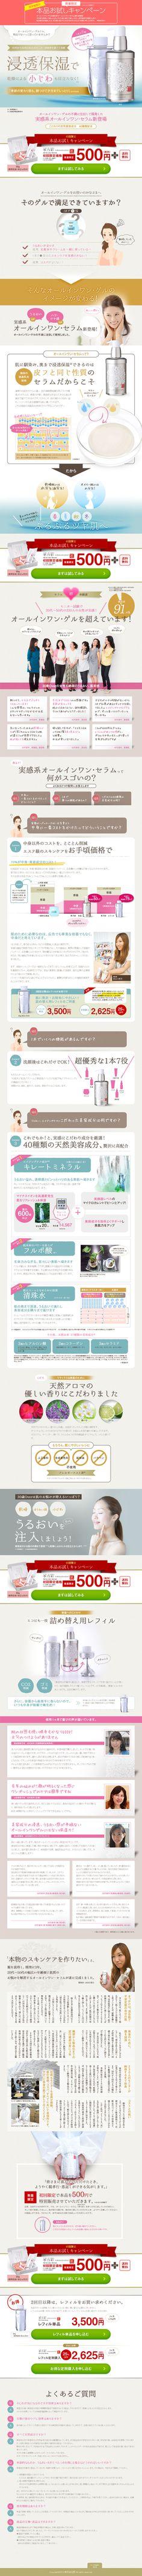 ランディングページ LP 季乃彩|美容・健康|自社サイト